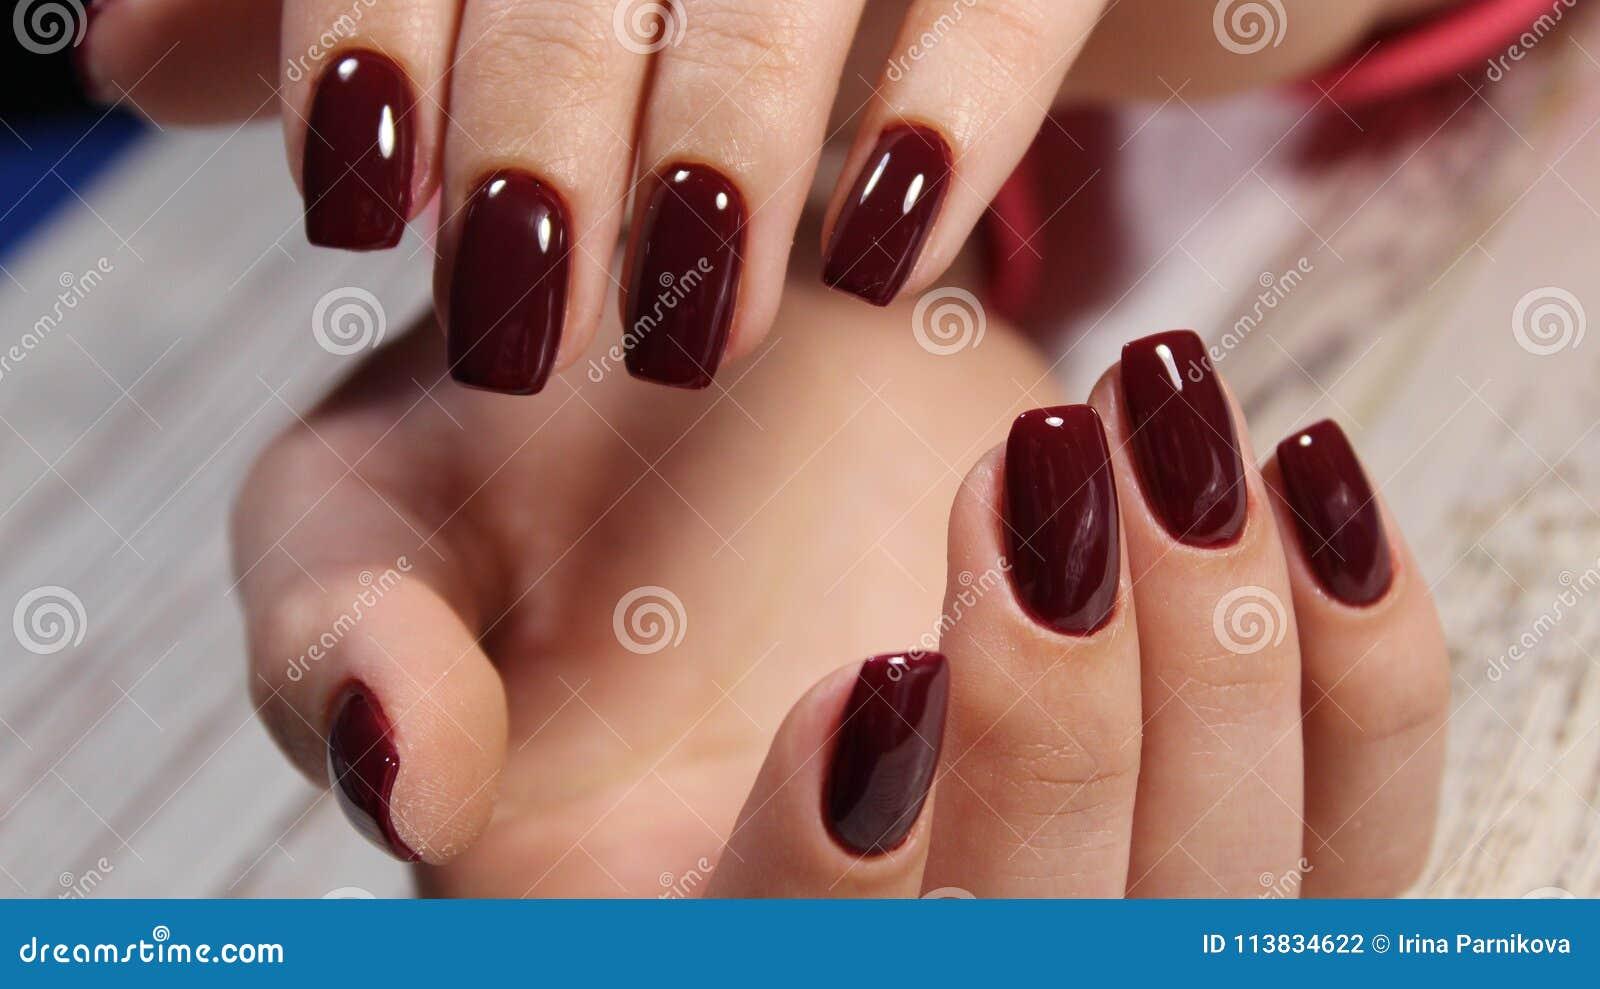 фото красивые ногти красные